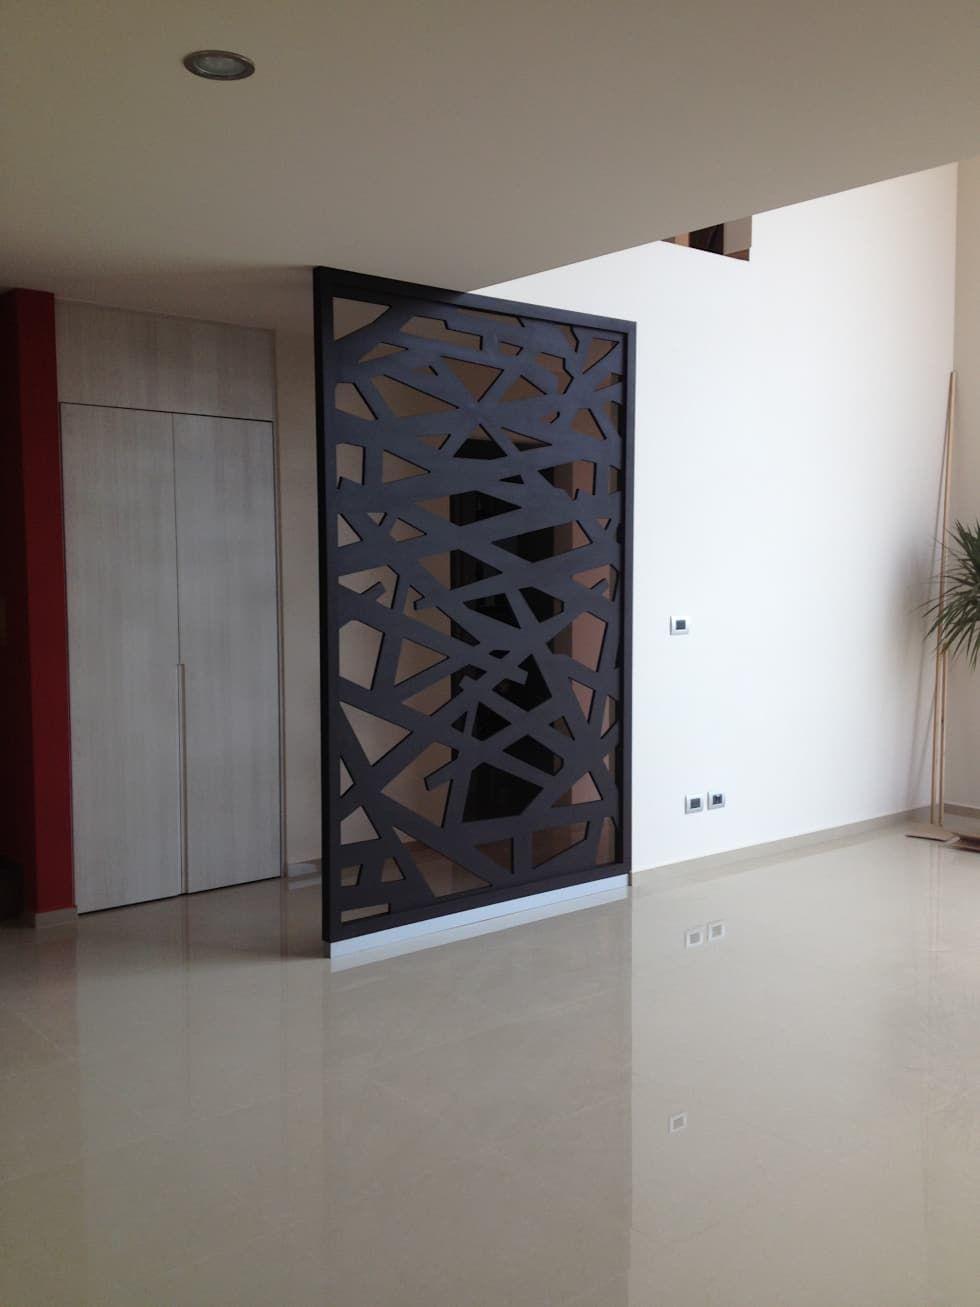 Ideas imágenes y decoración de hogares divider cnc and interiors